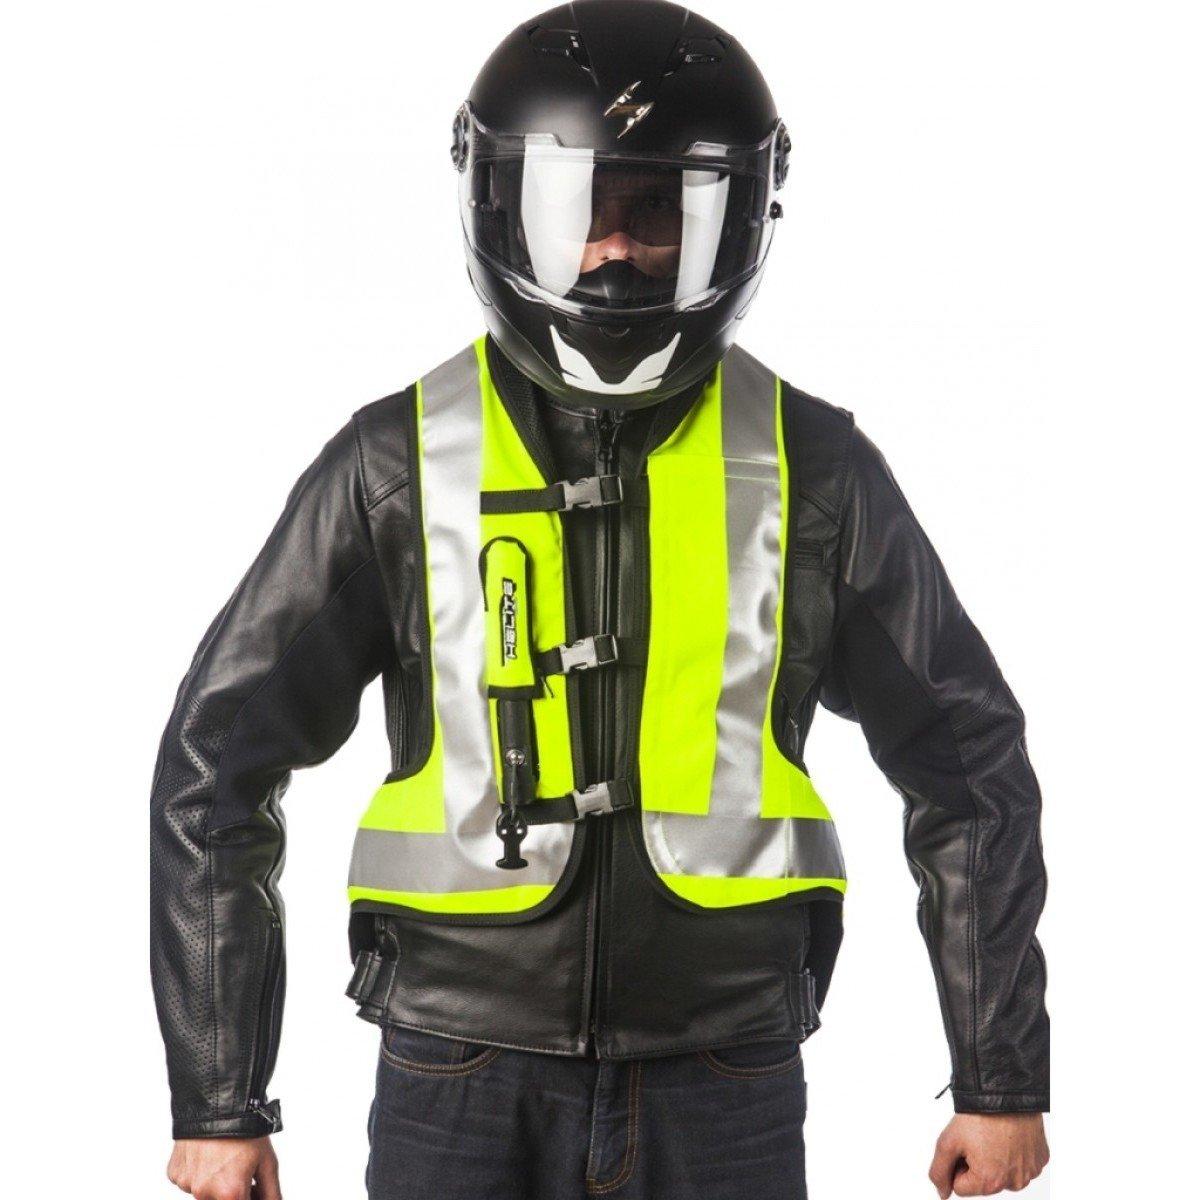 Bezpečnostní motocyklová vesta s airbagem HELITE Turtle (reflexní žlutá) XS